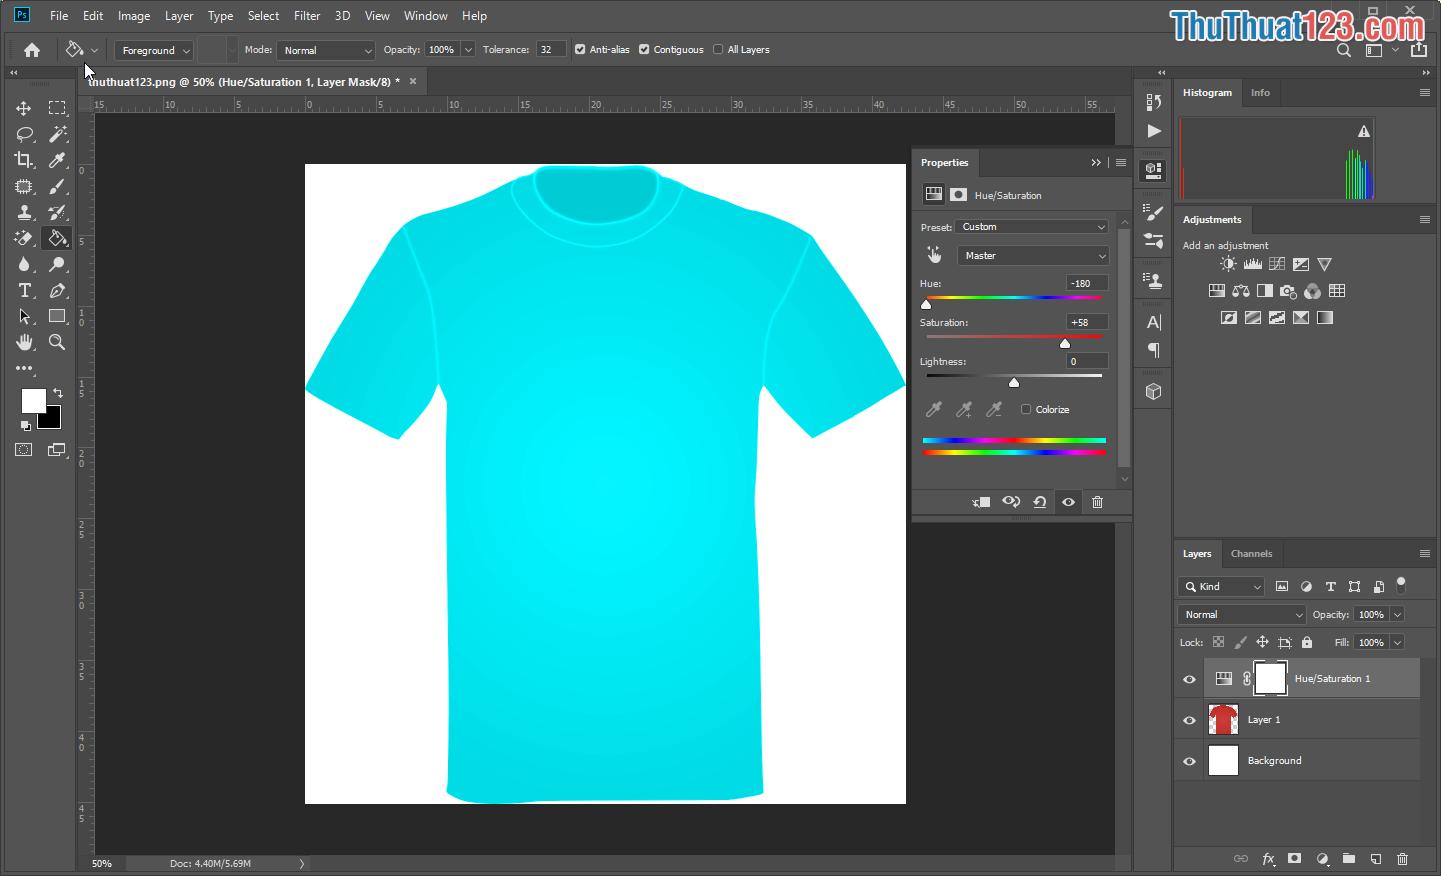 Các bạn điều chỉnh thông số HUE đầu tiên, sau đó điều chỉnh Sacturation và Lightness để cho ra màu sắc ưng ý